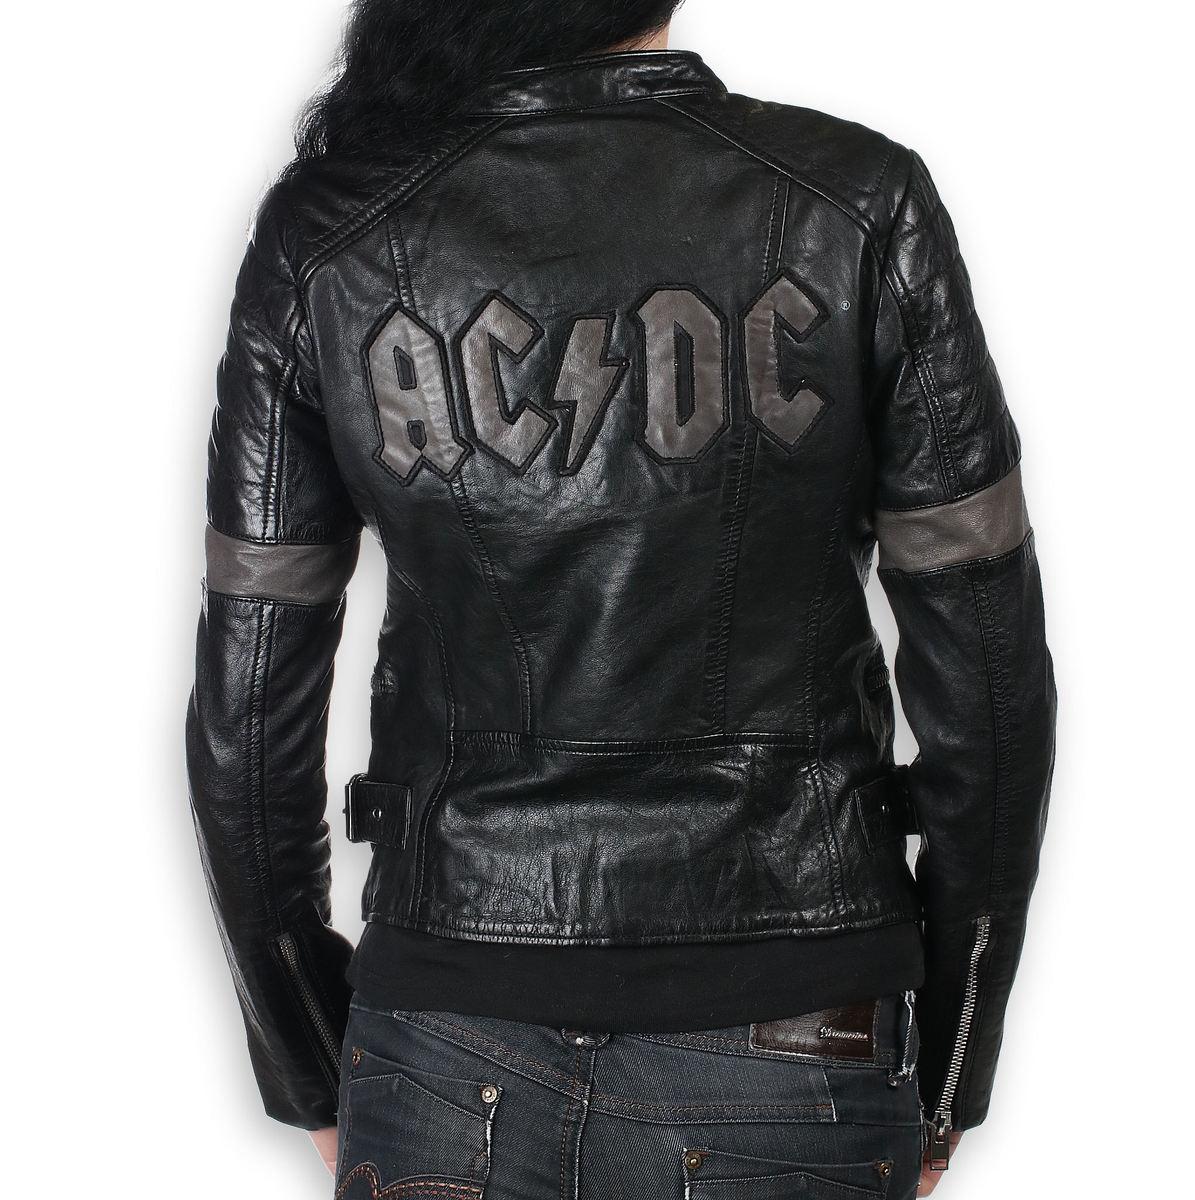 Damen Lederjacke AC DC MEGYN M0010869 Metal shop.at